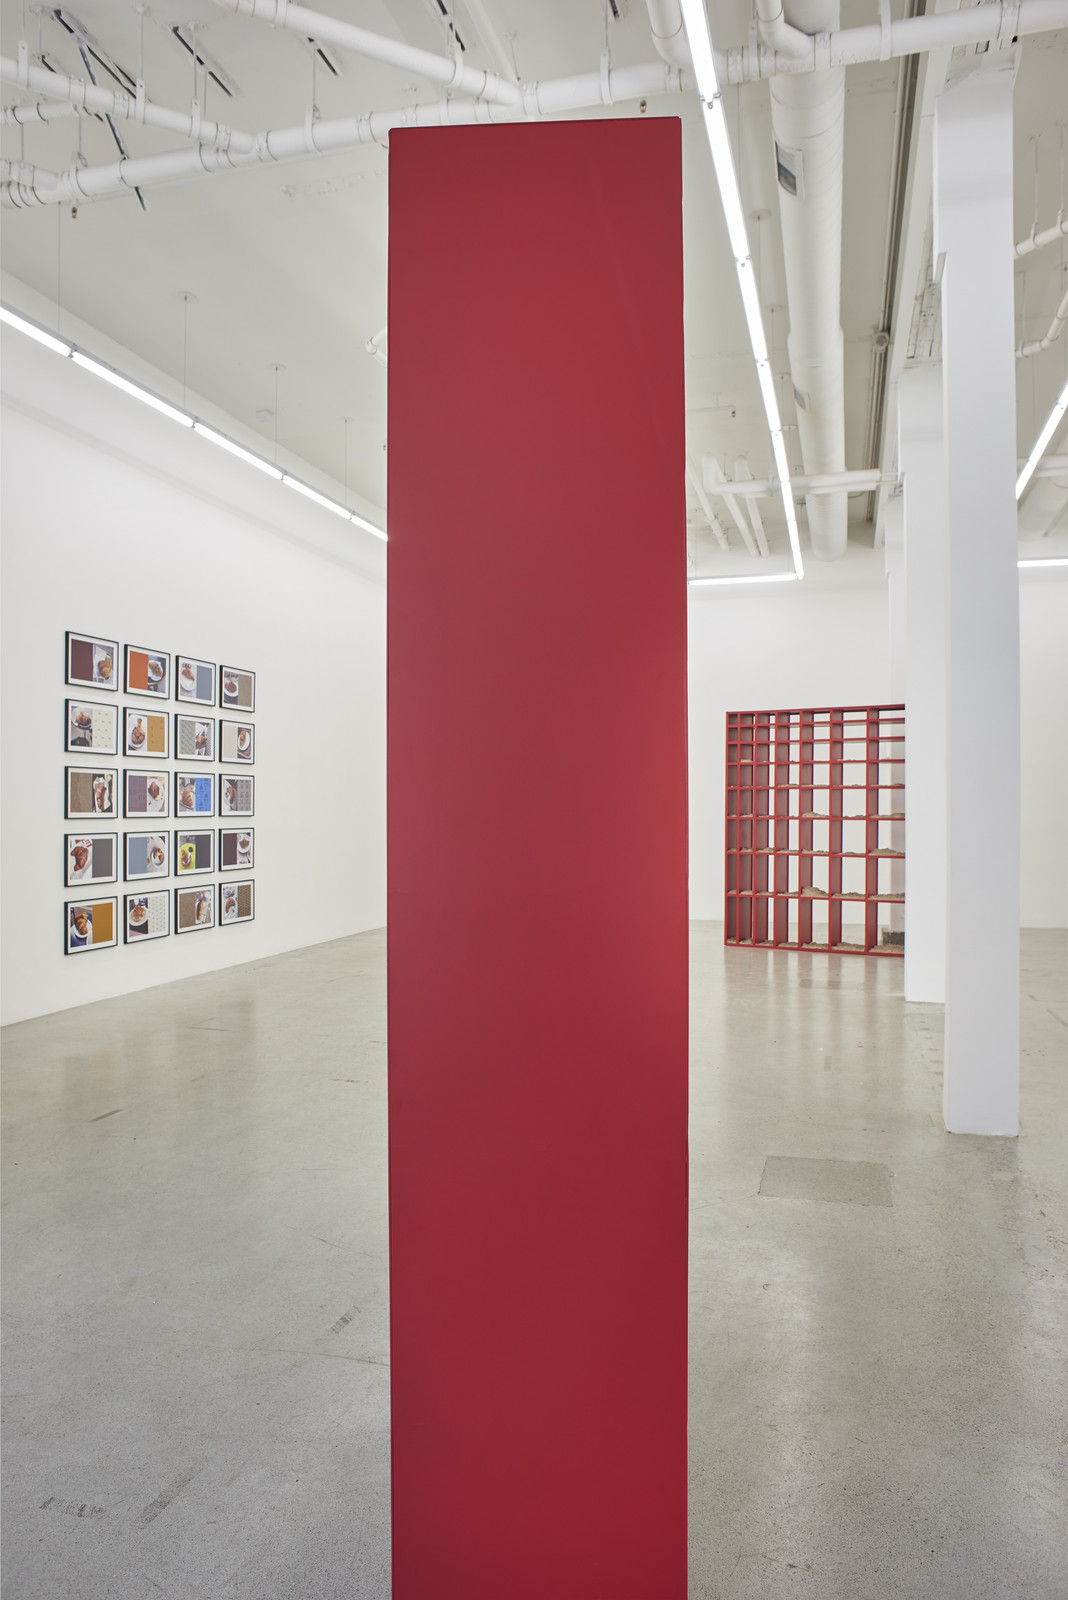 Wermers_Grundstück, 2017_Jessica Silverman Gallery_installation view_020